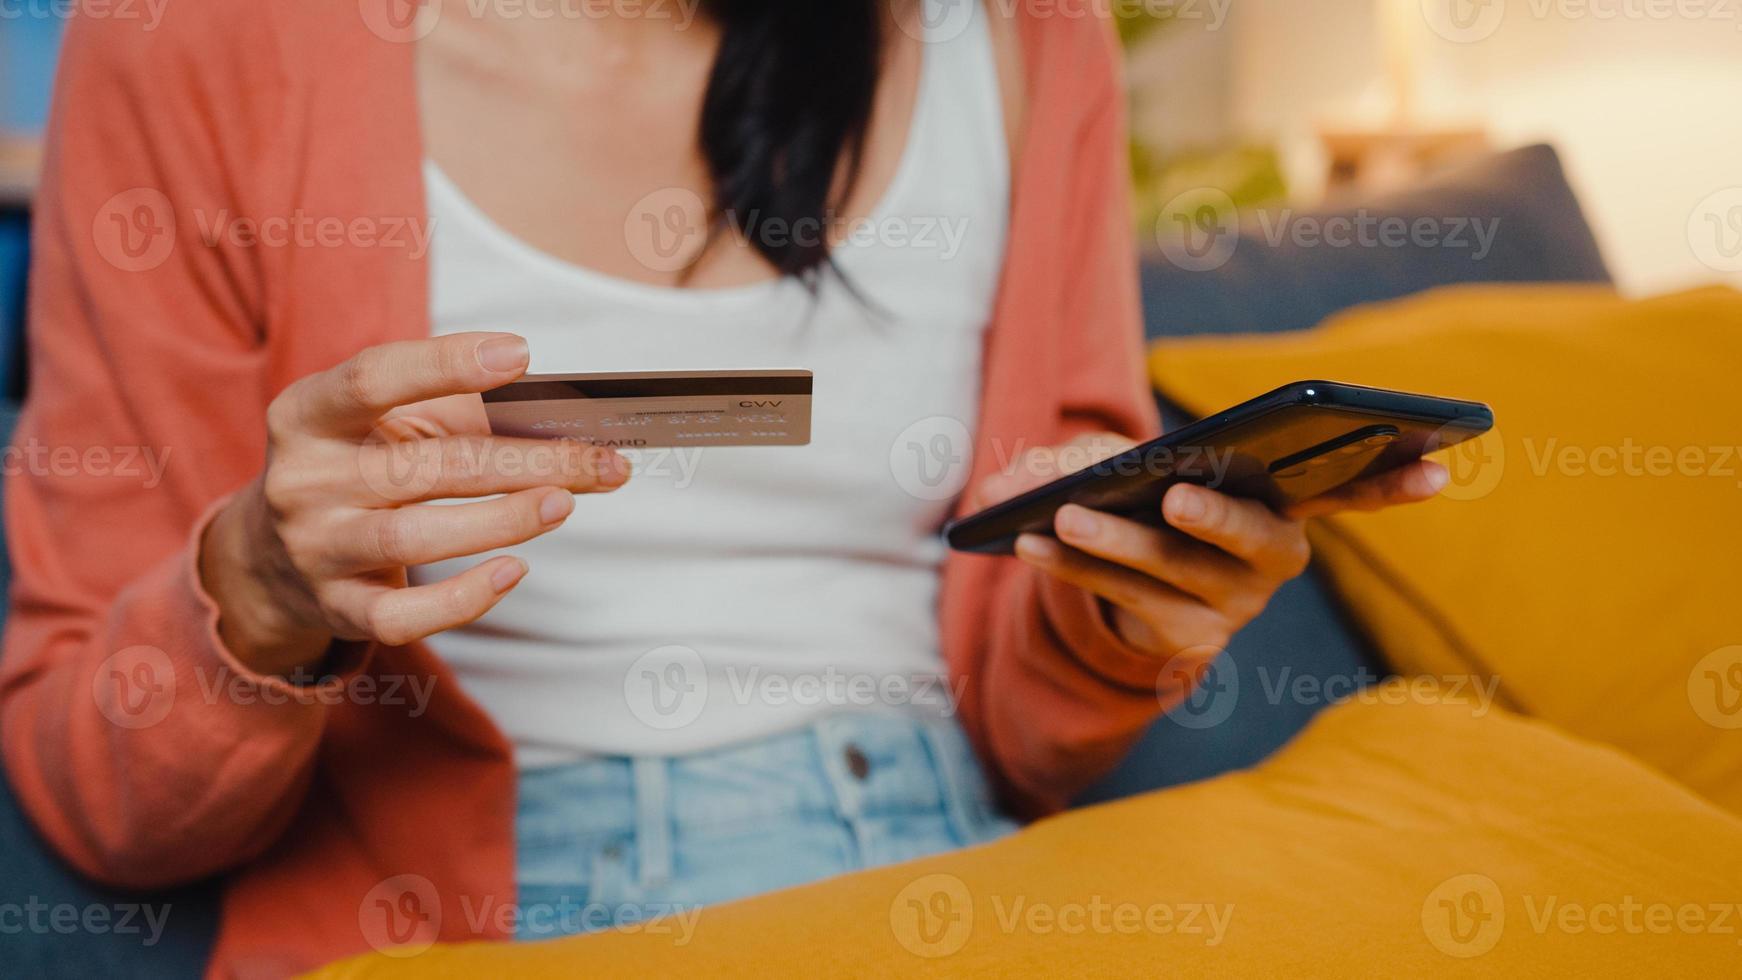 la noche hermosa dama asiática sonriente usa el teléfono celular para ordenar productos de compras en línea con tarjeta de crédito en el sofá de la sala de estar. quedarse en casa, actividad de auto cuarentena, actividad divertida para la cuarentena de covid. foto